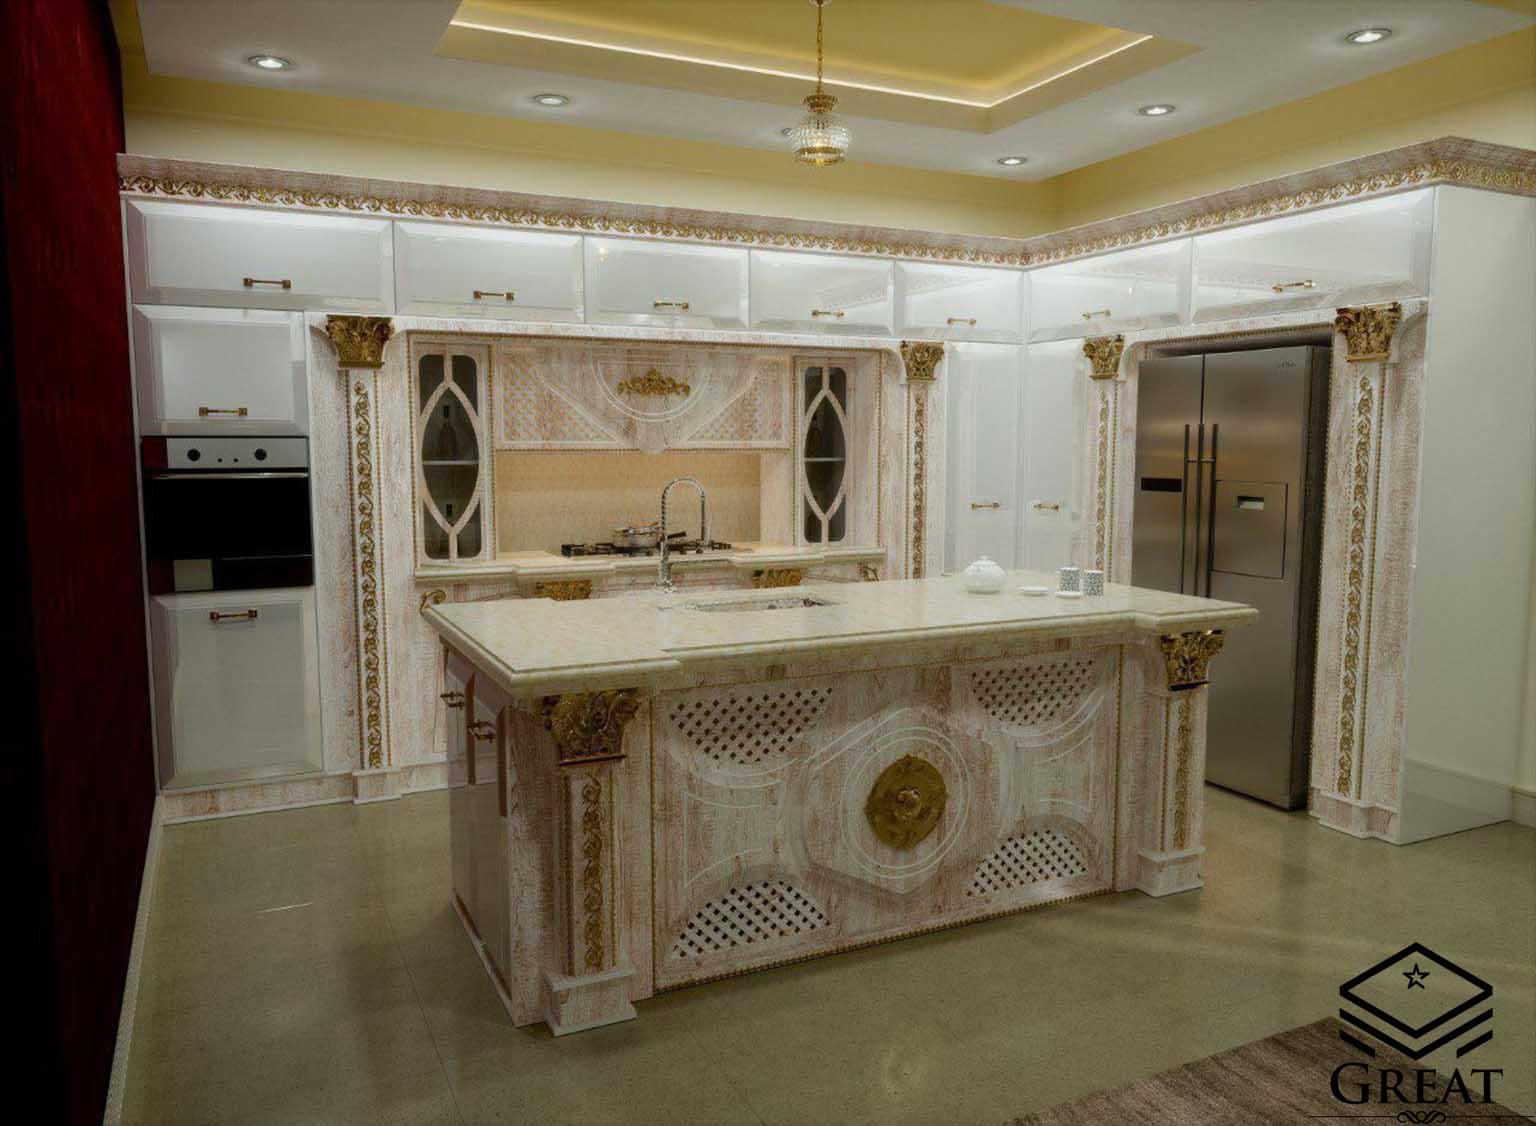 کابینت آشپزخانه خاص جواهر سفید با رنگ رگه ای قهوه ای